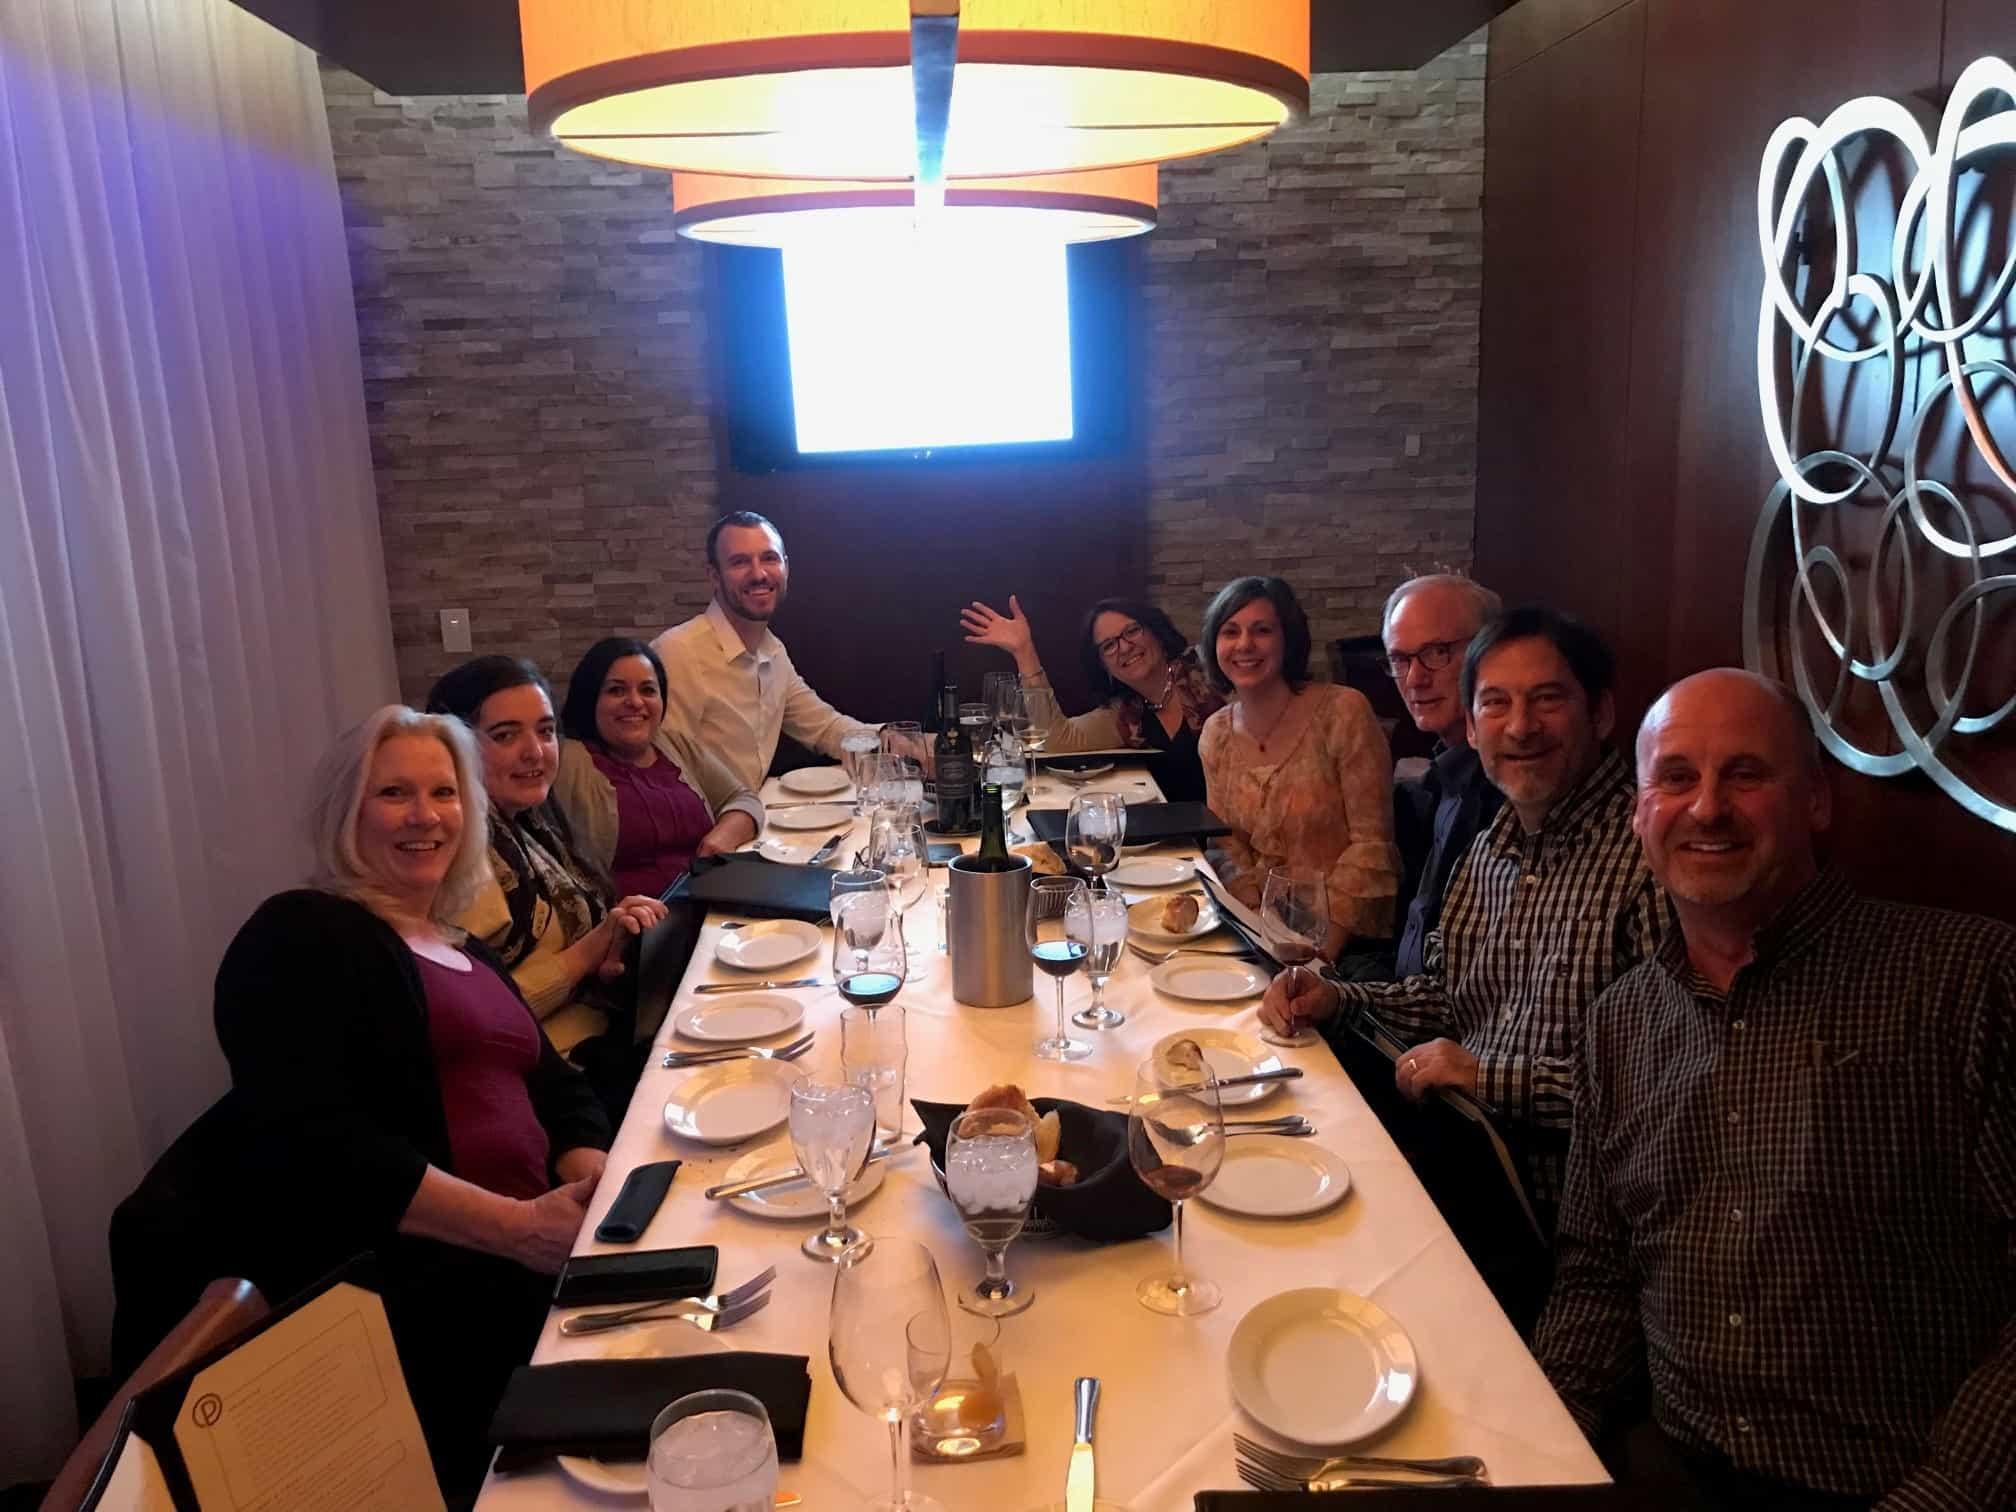 Special Thanks to the Sales Team at Rio Grande Company in Denver, Colorado